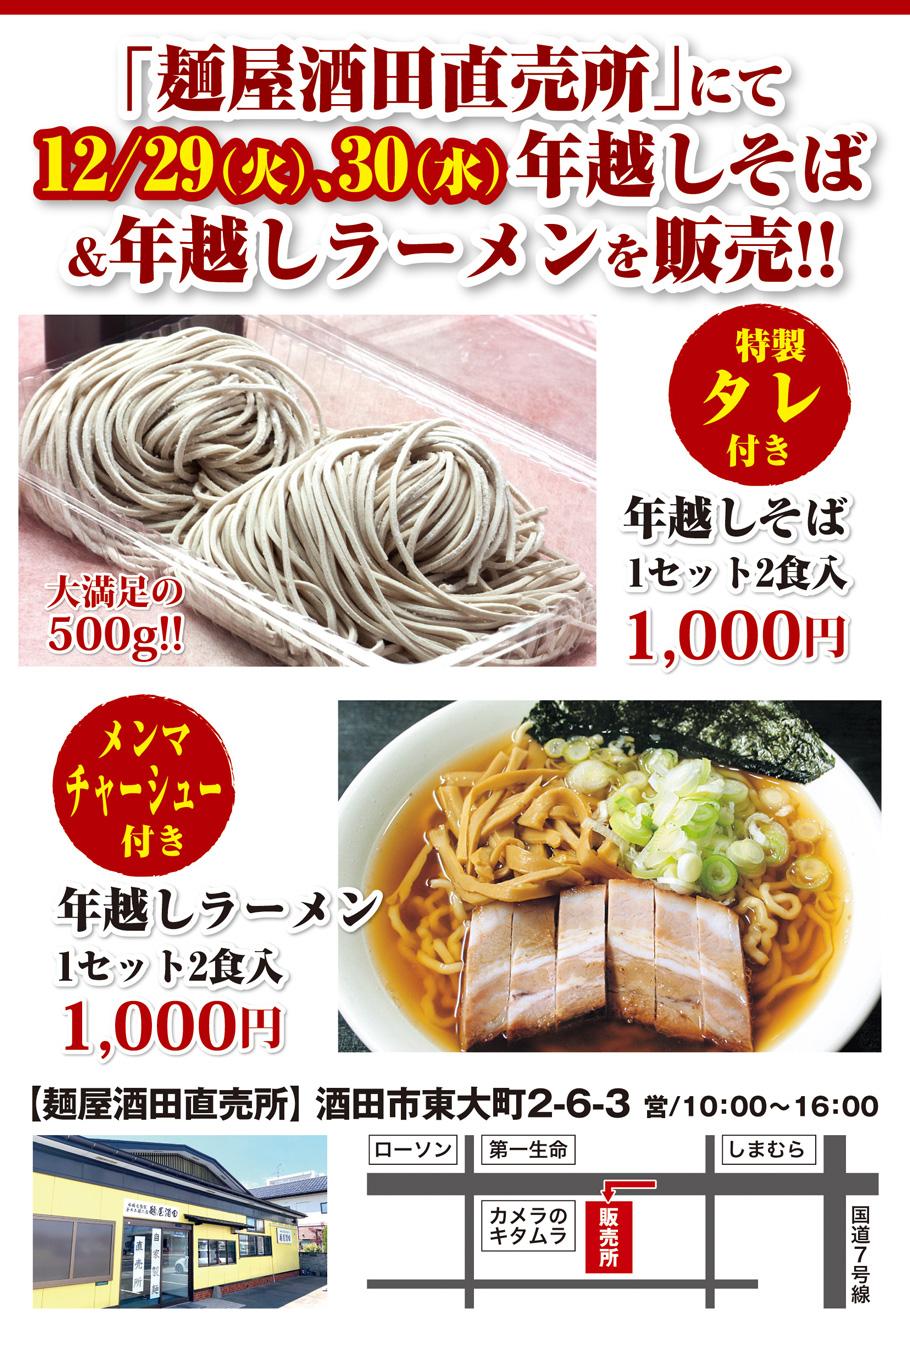 麺屋酒田直売所にて12月29日・30日限定年越しそば&年越しラーメン販売!